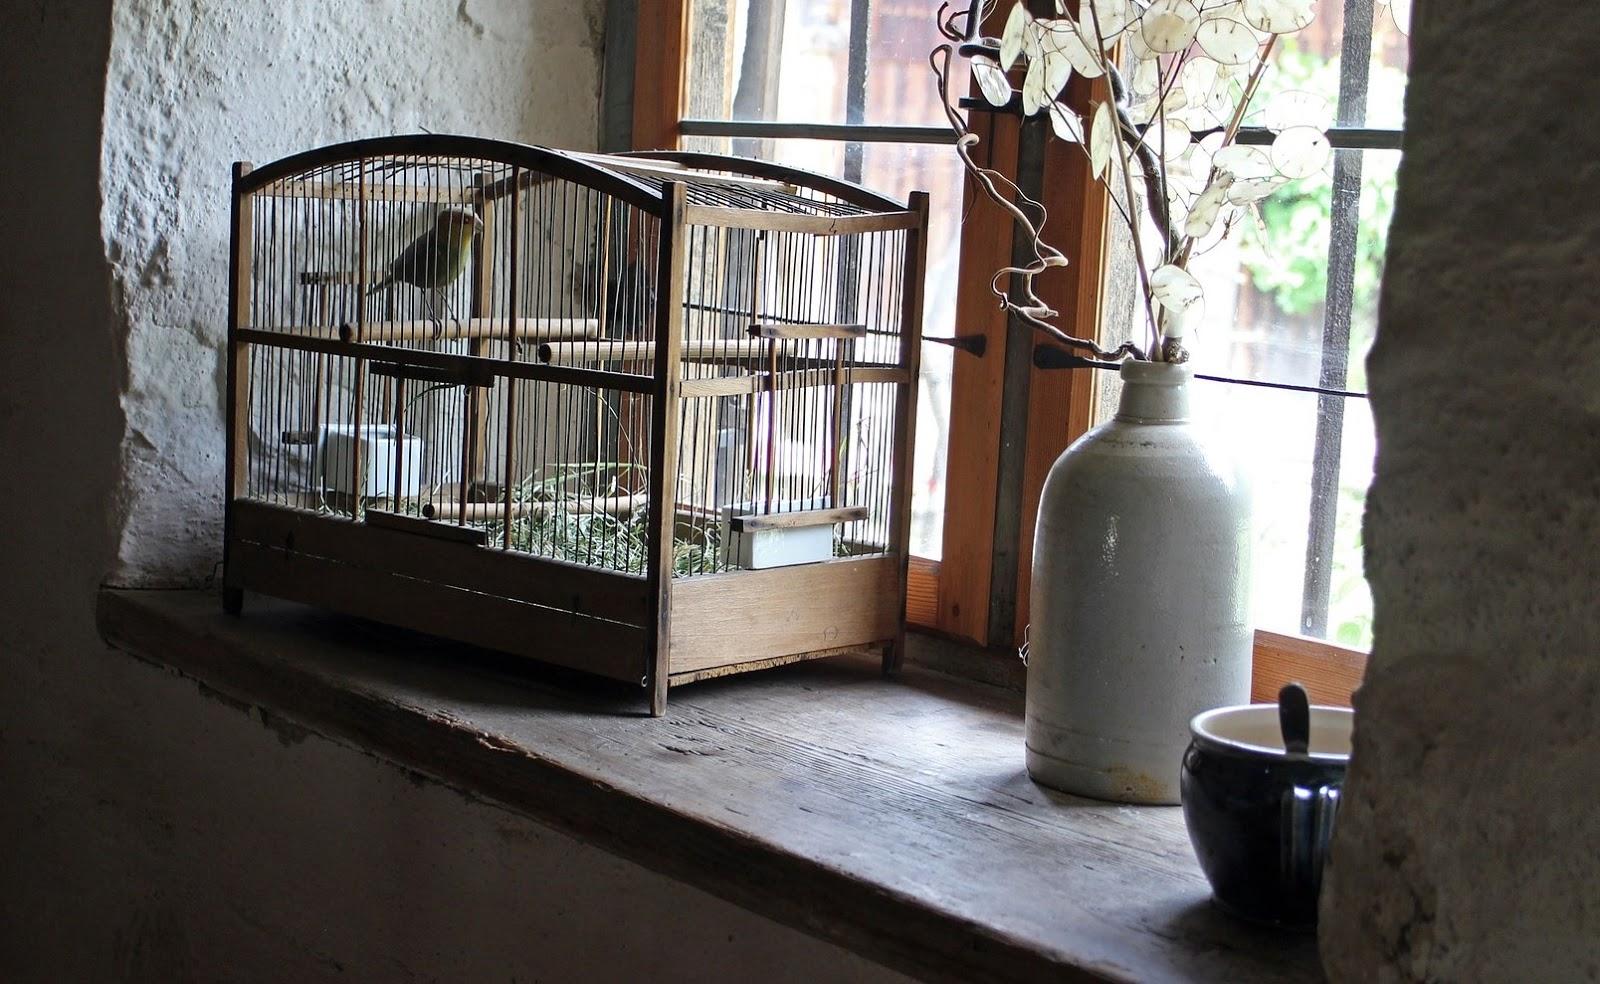 Lei na Índia proibiu o encarceramento de pássaros em gaiolas